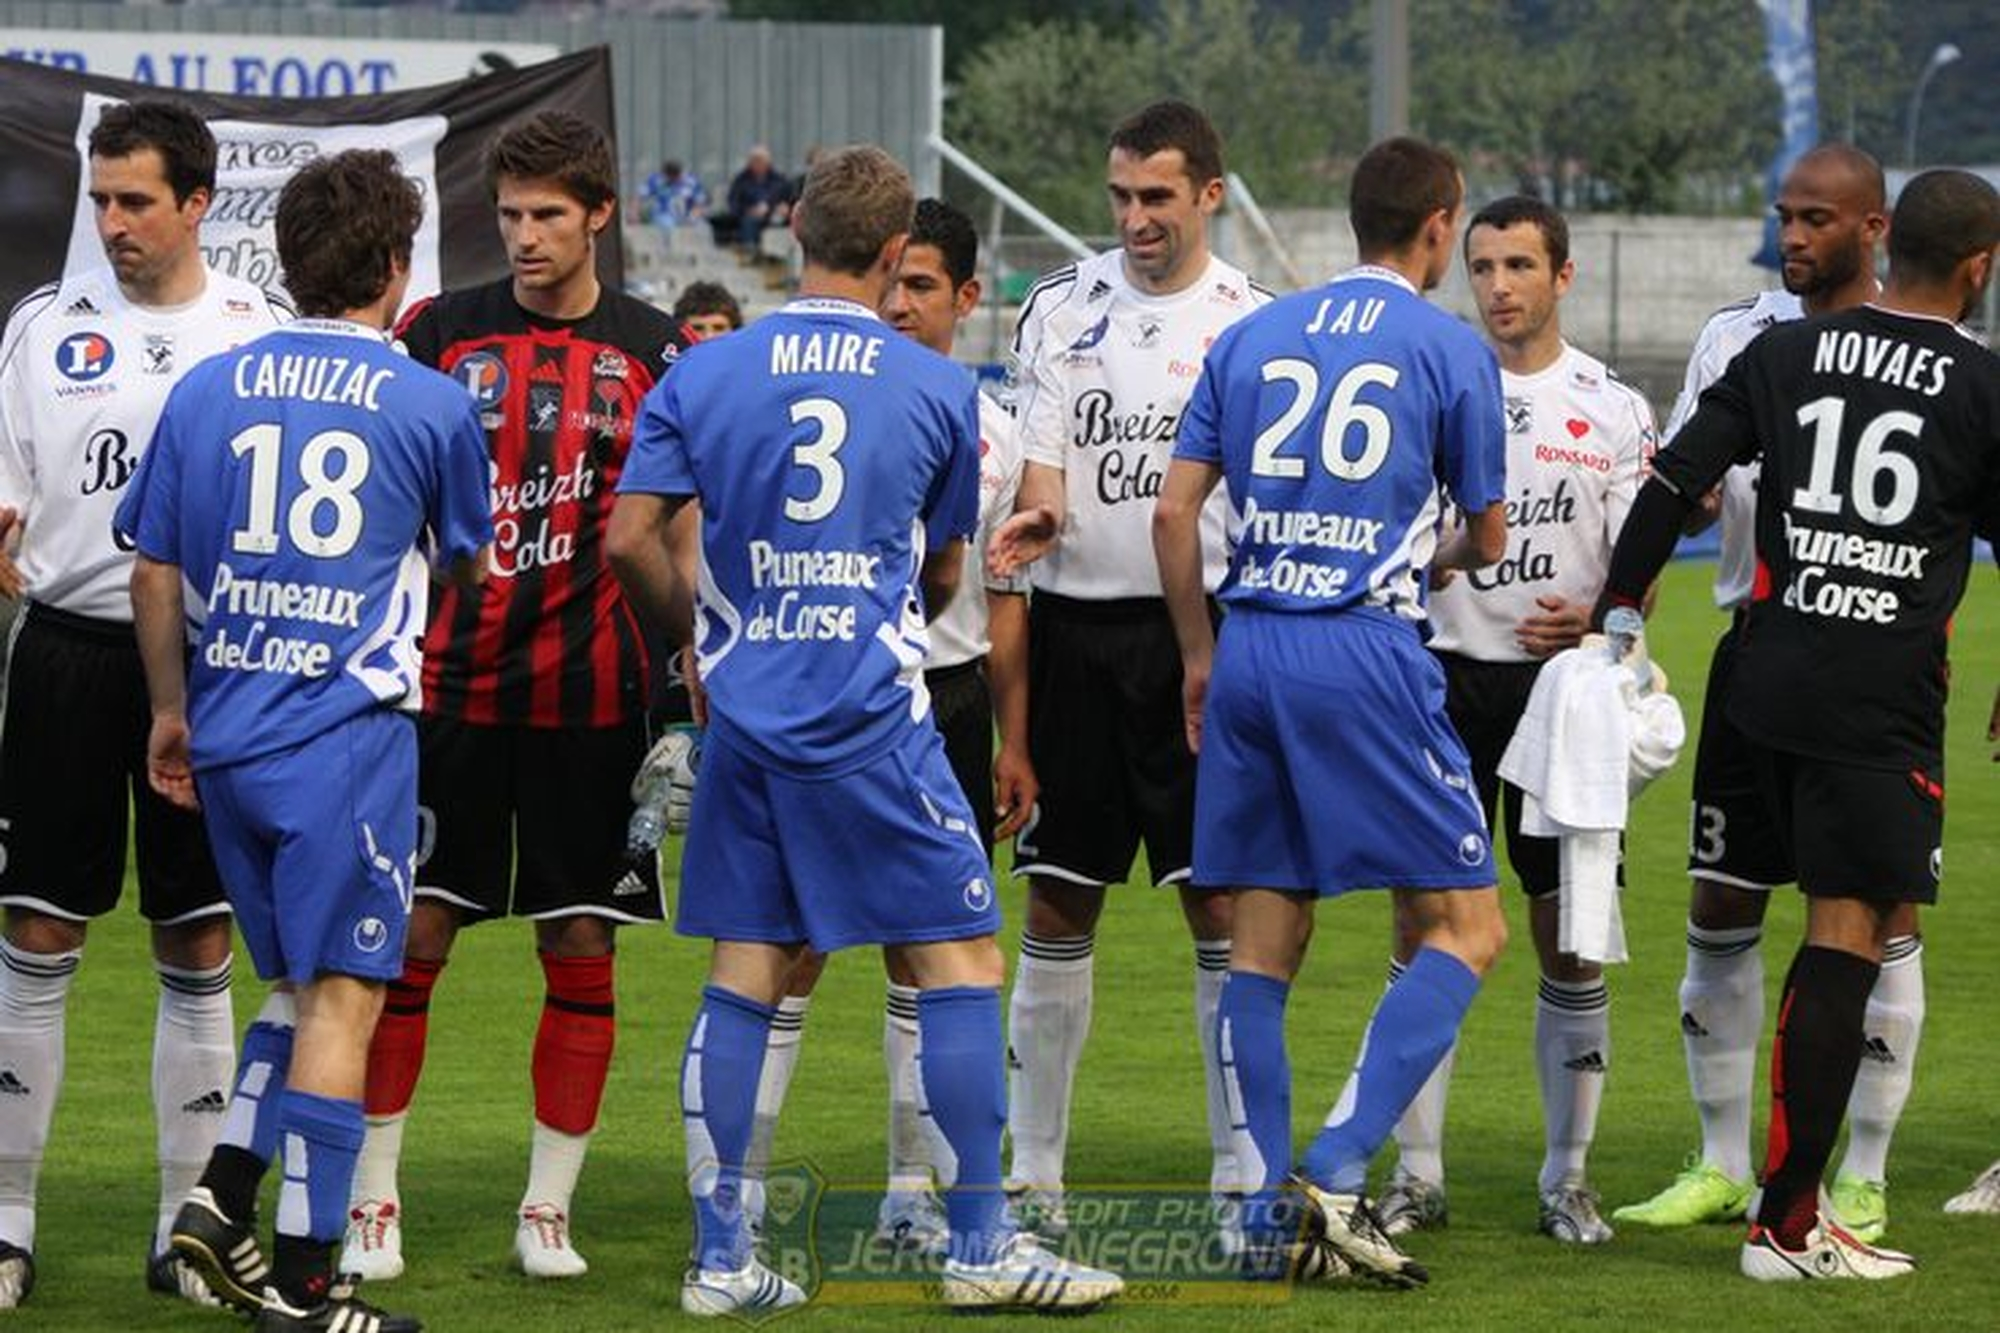 SCB/VANNES (Ligue 2)